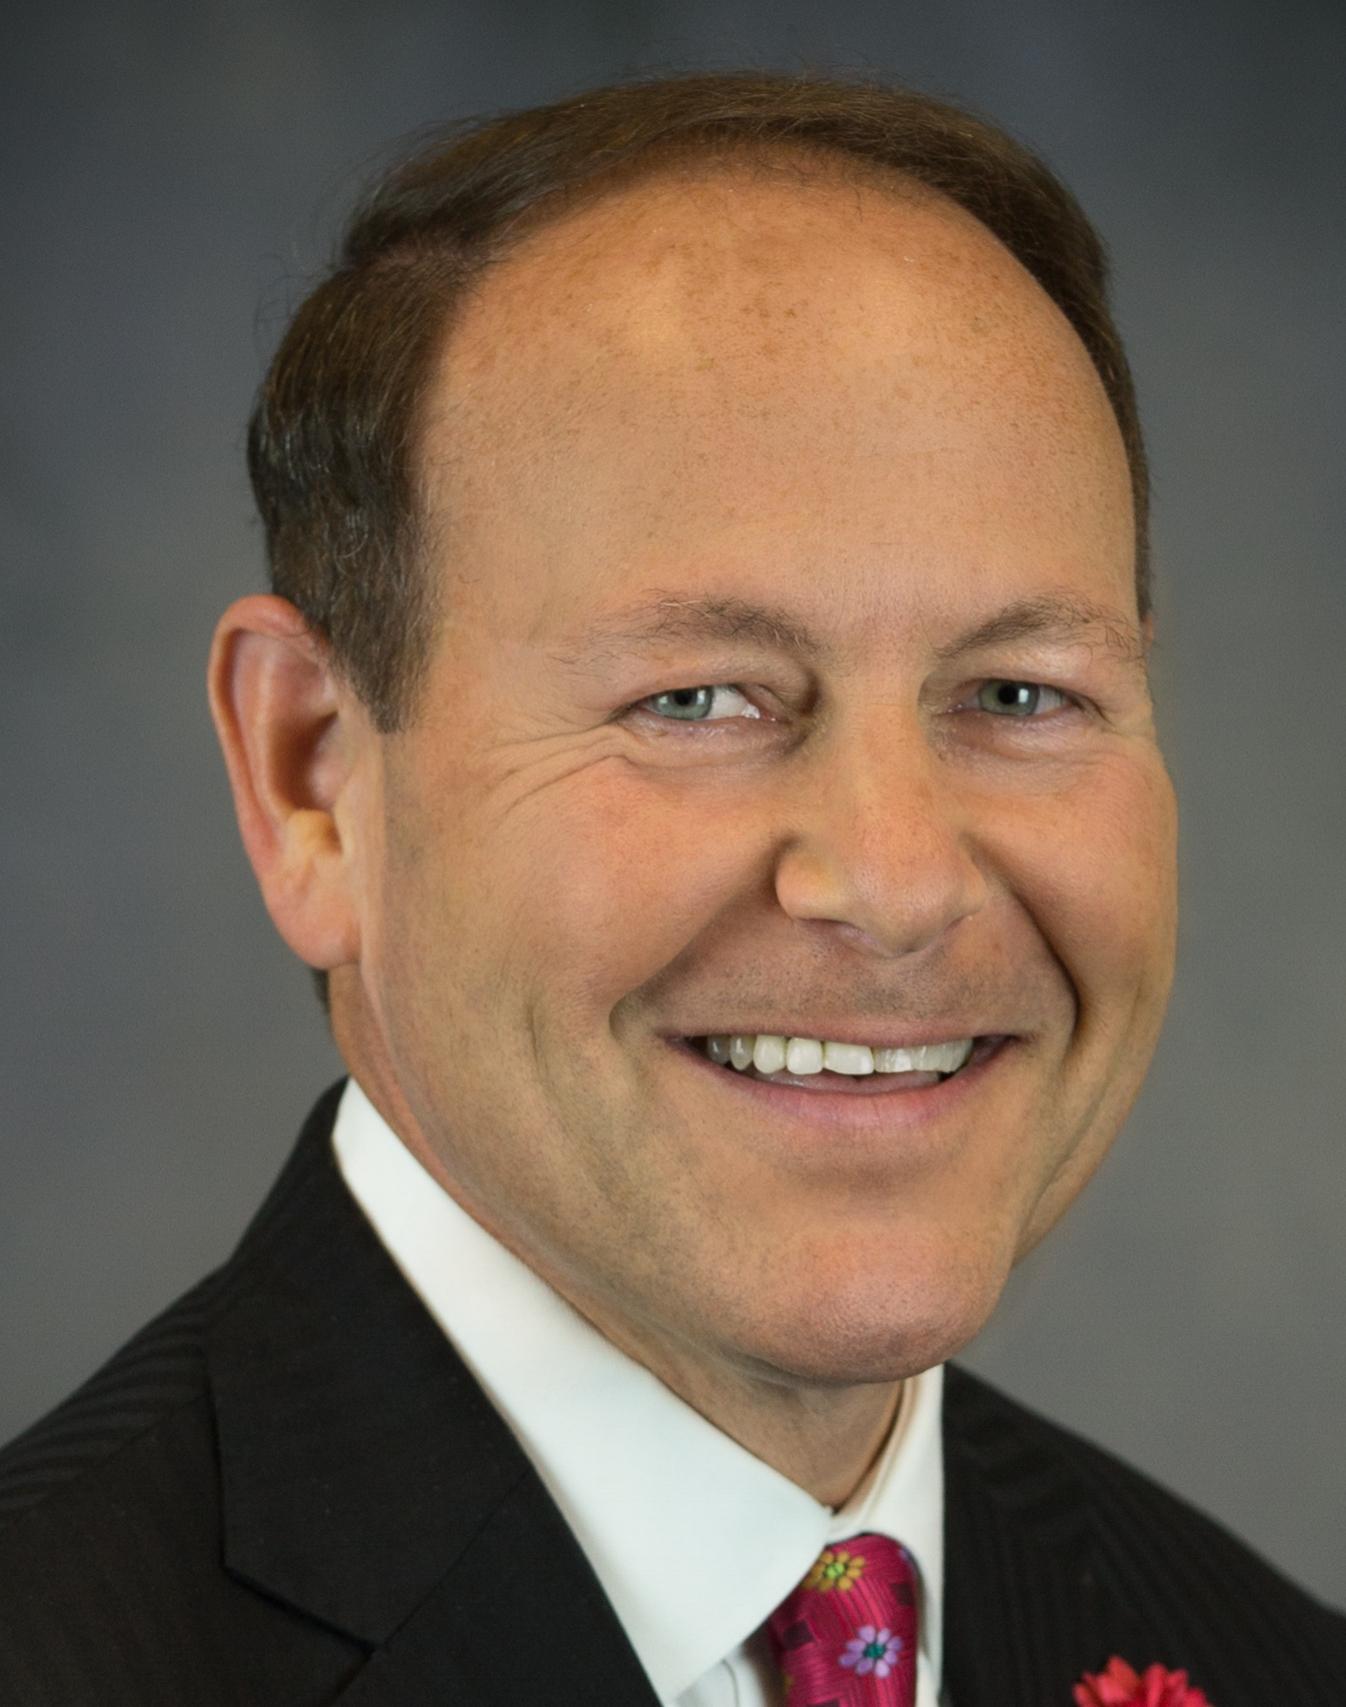 Jim Farber